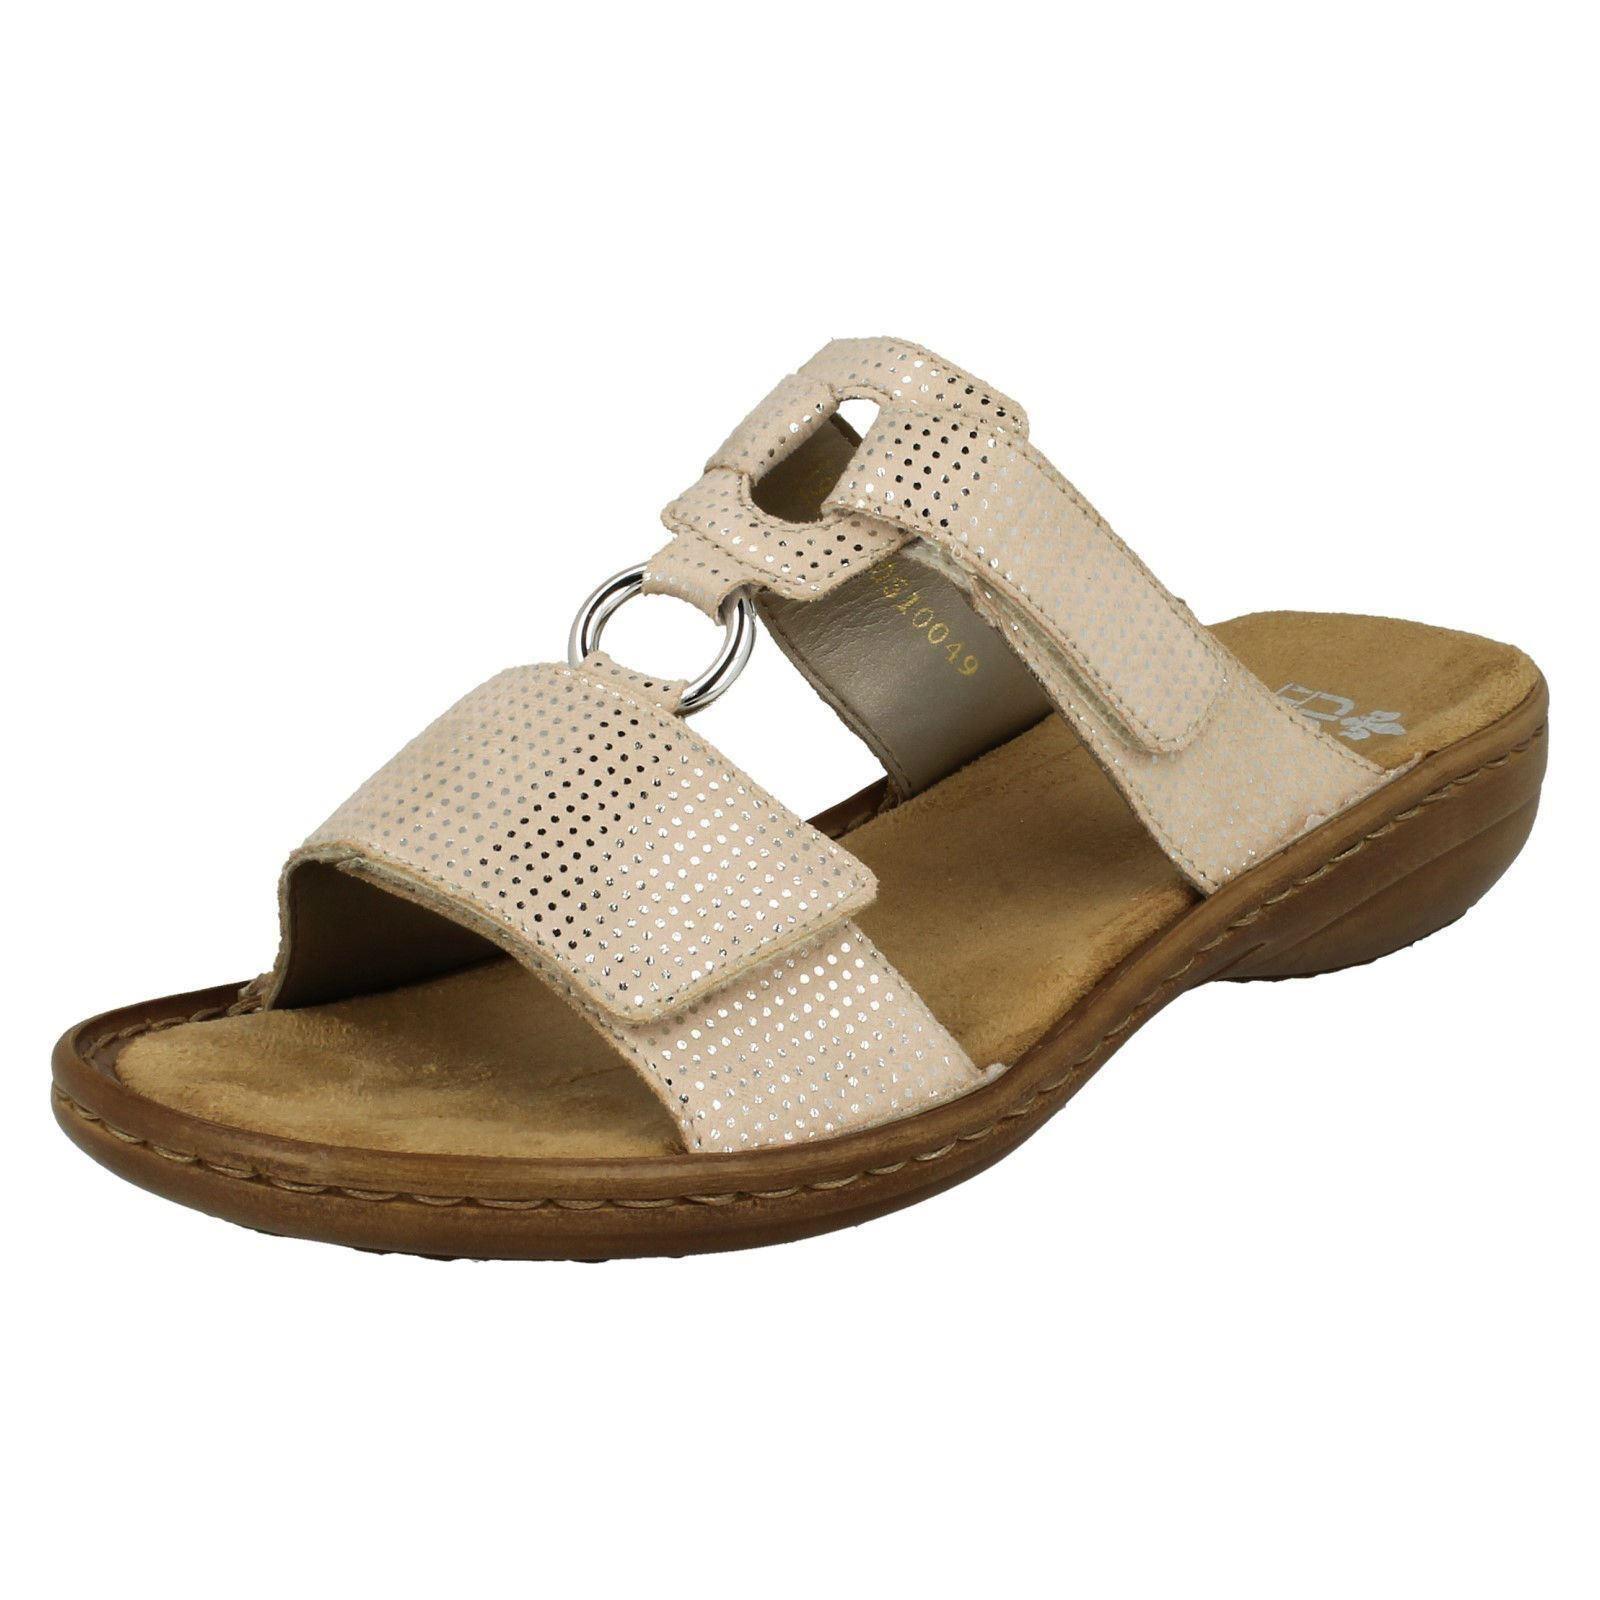 Damen oder Rieker 608P9 Blau oder Damen Beige Pantoffeln Sandalen Slipper b2beca